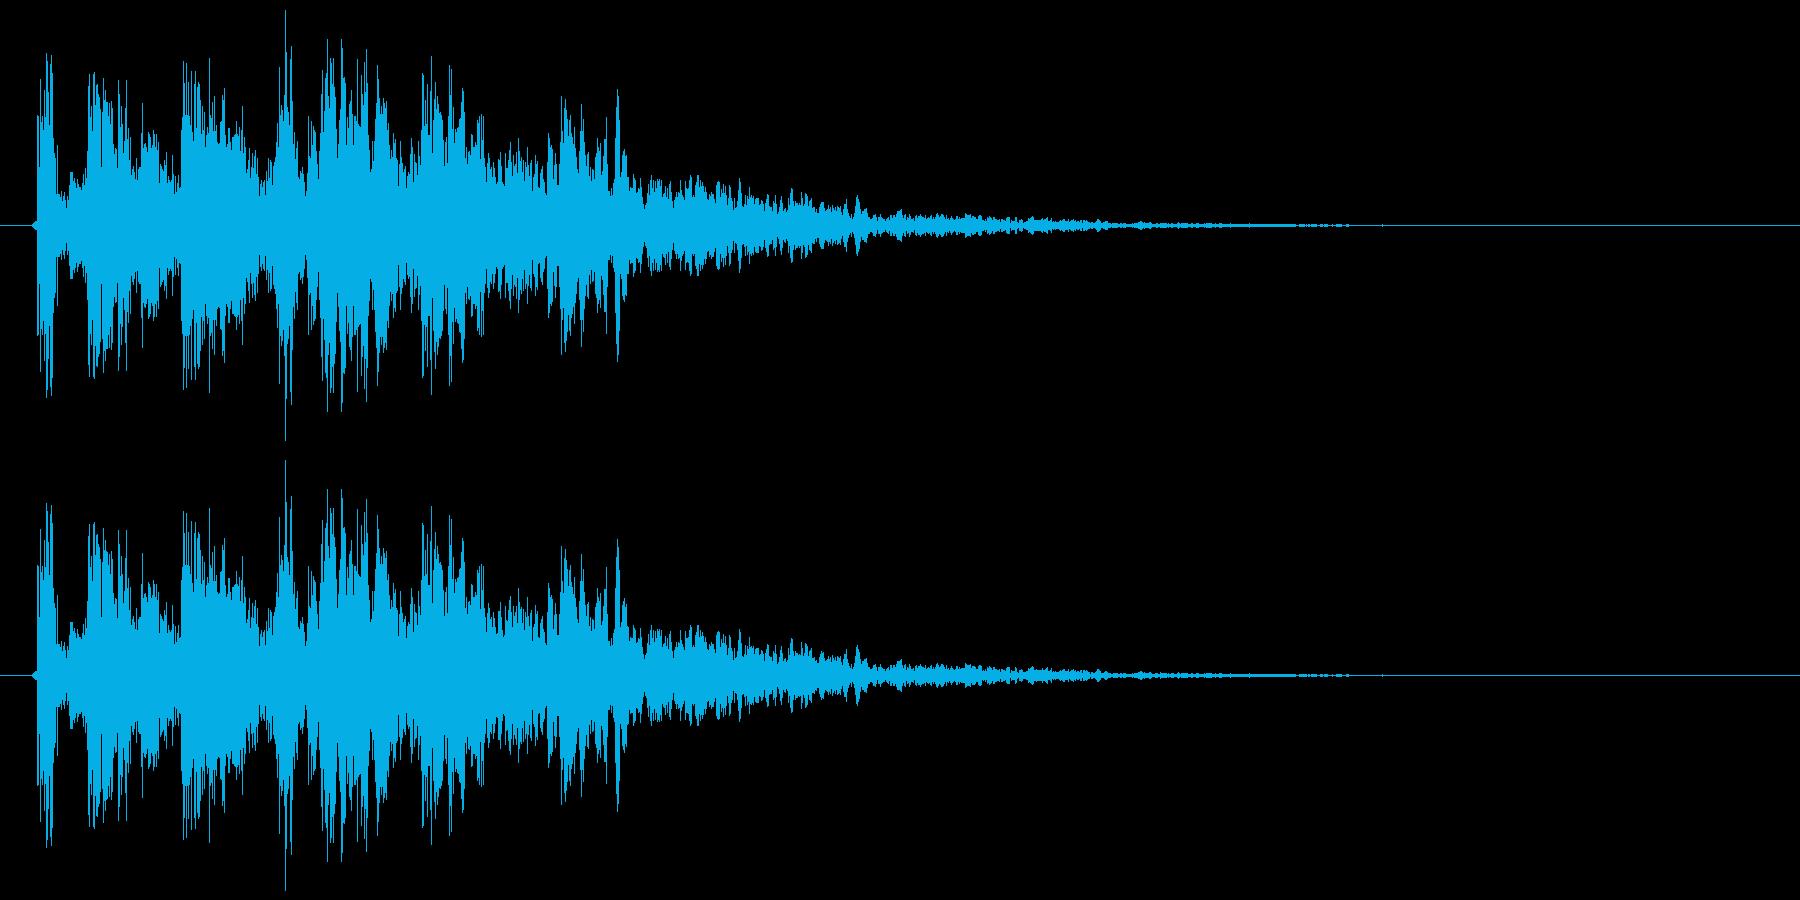 コイン獲得音(リアル系)の再生済みの波形